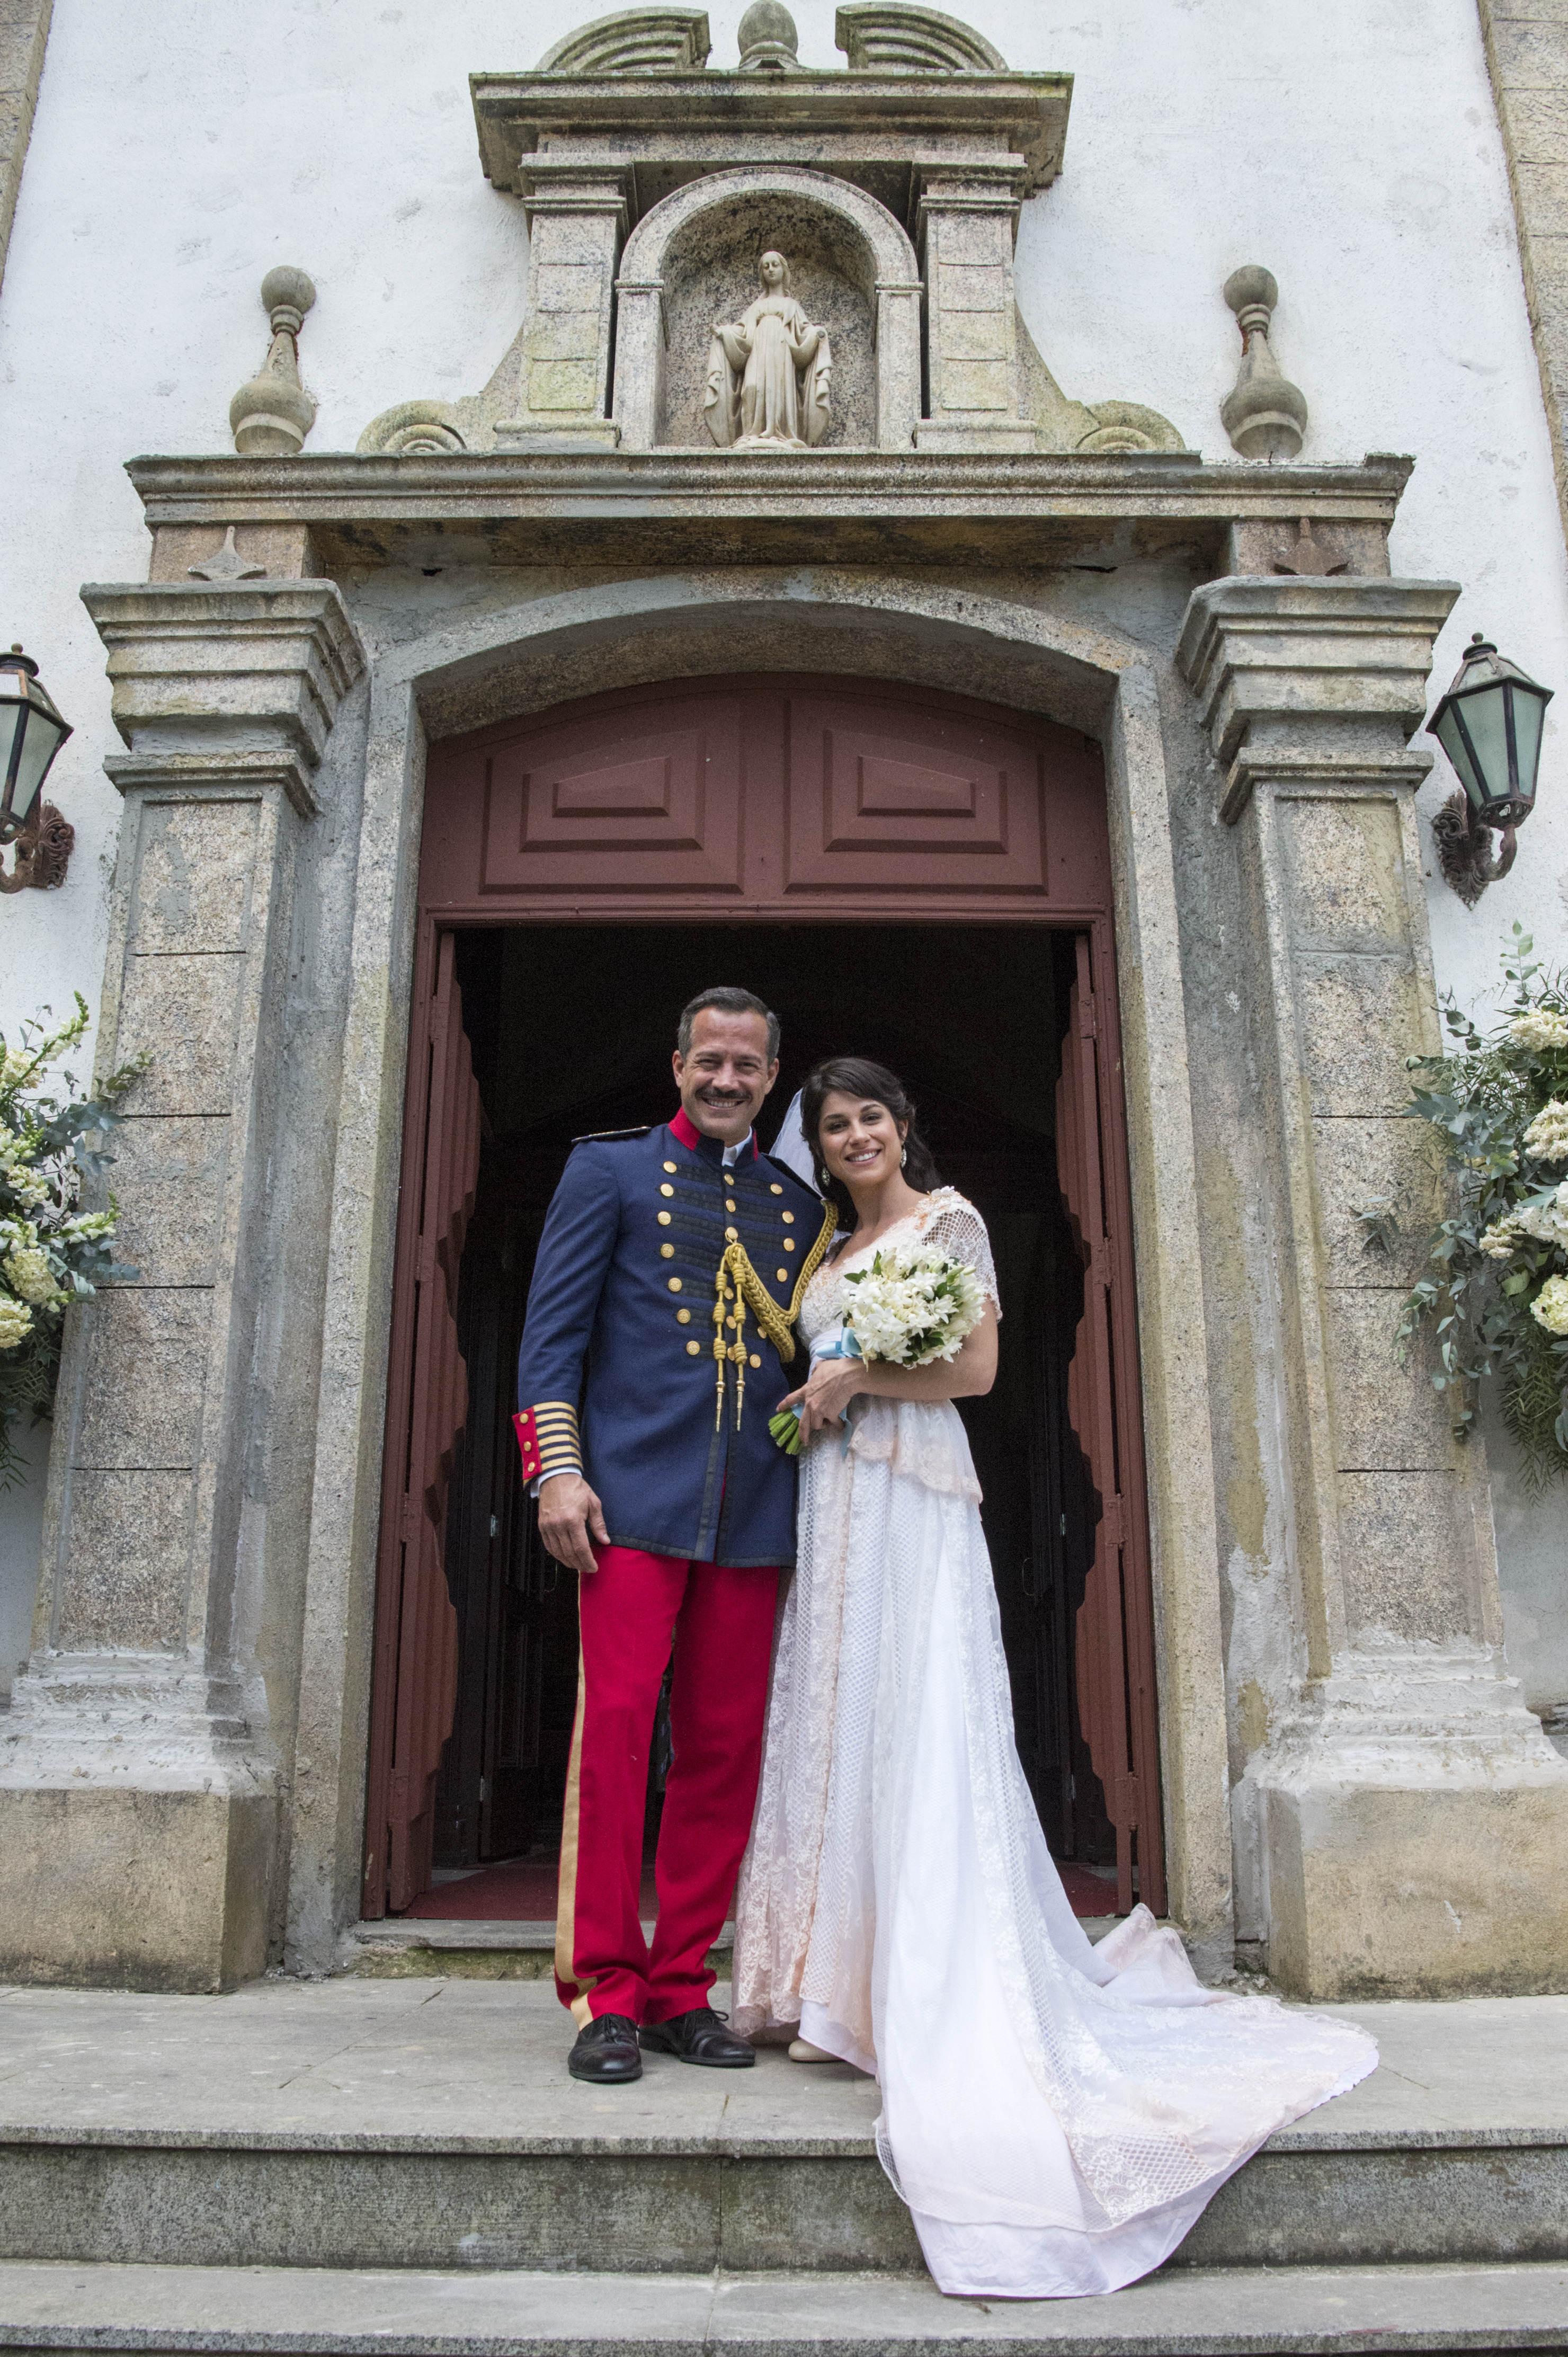 Orgulho e Paixão: casamento de Mariana ( Chandelly Braz) e Coronel Brandão ( Malvino Salvador)